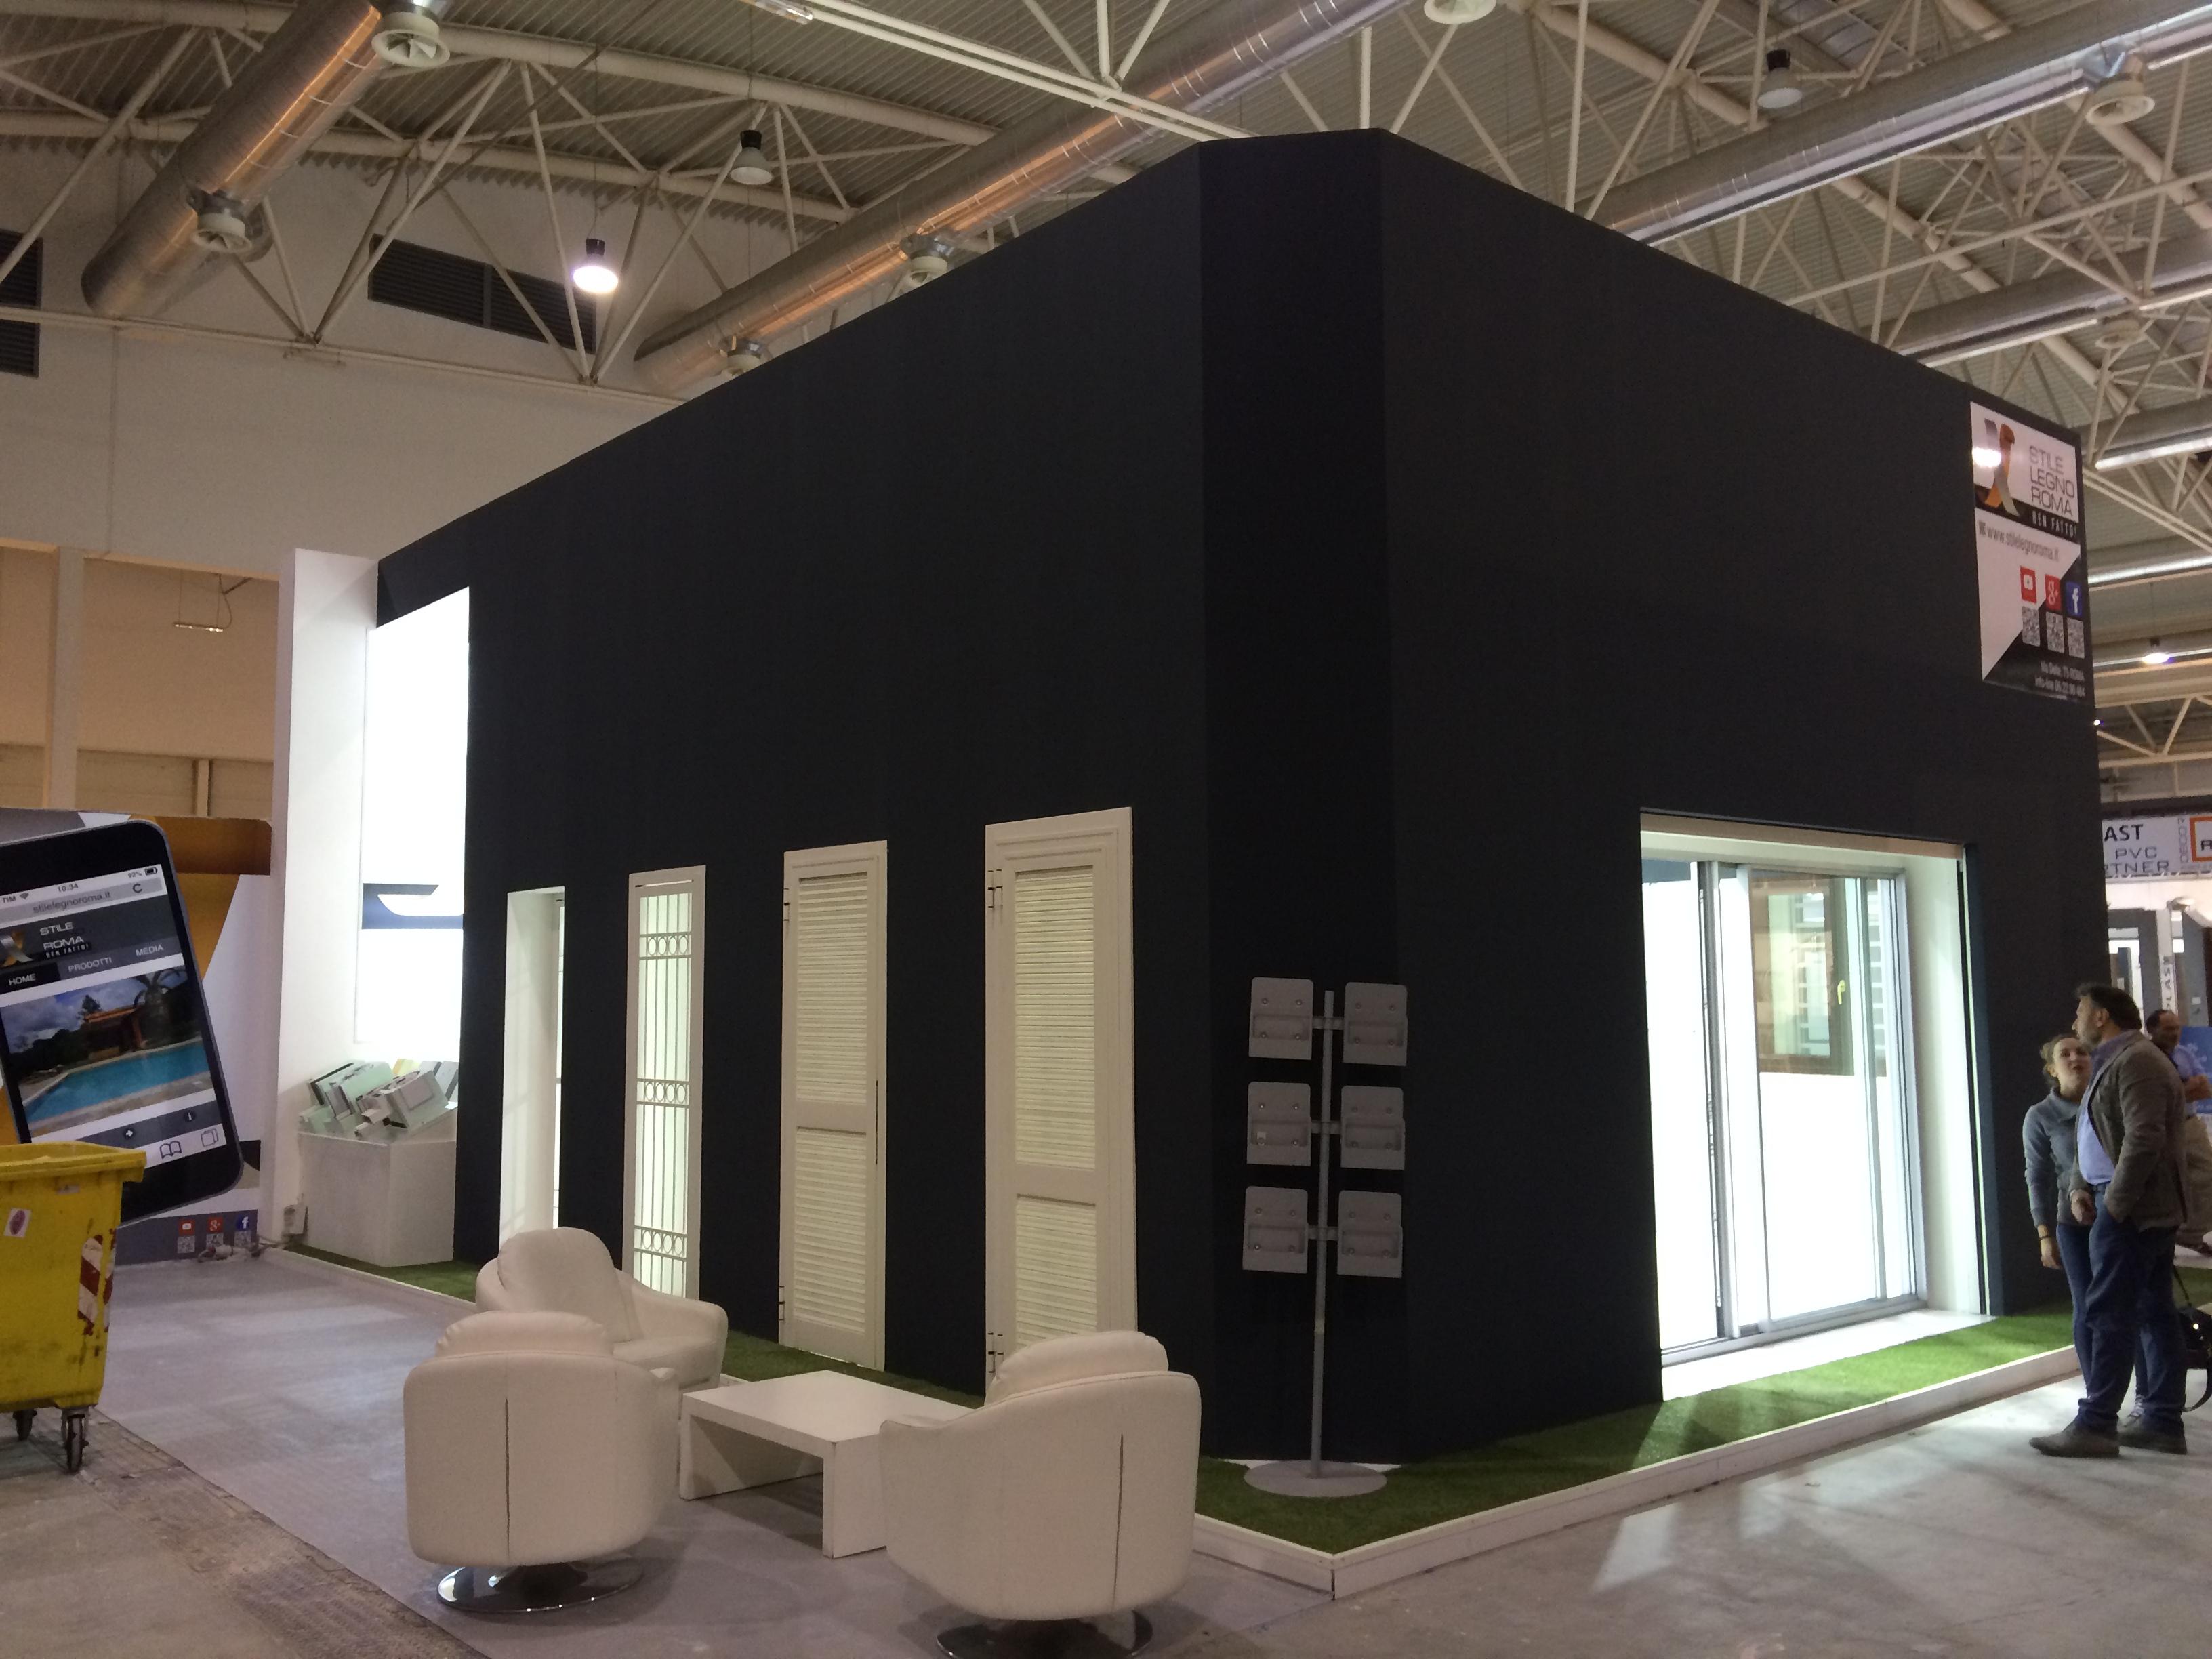 Stand stile legno roma evento moa casa 2015 roma - Moa casa roma 2017 ...